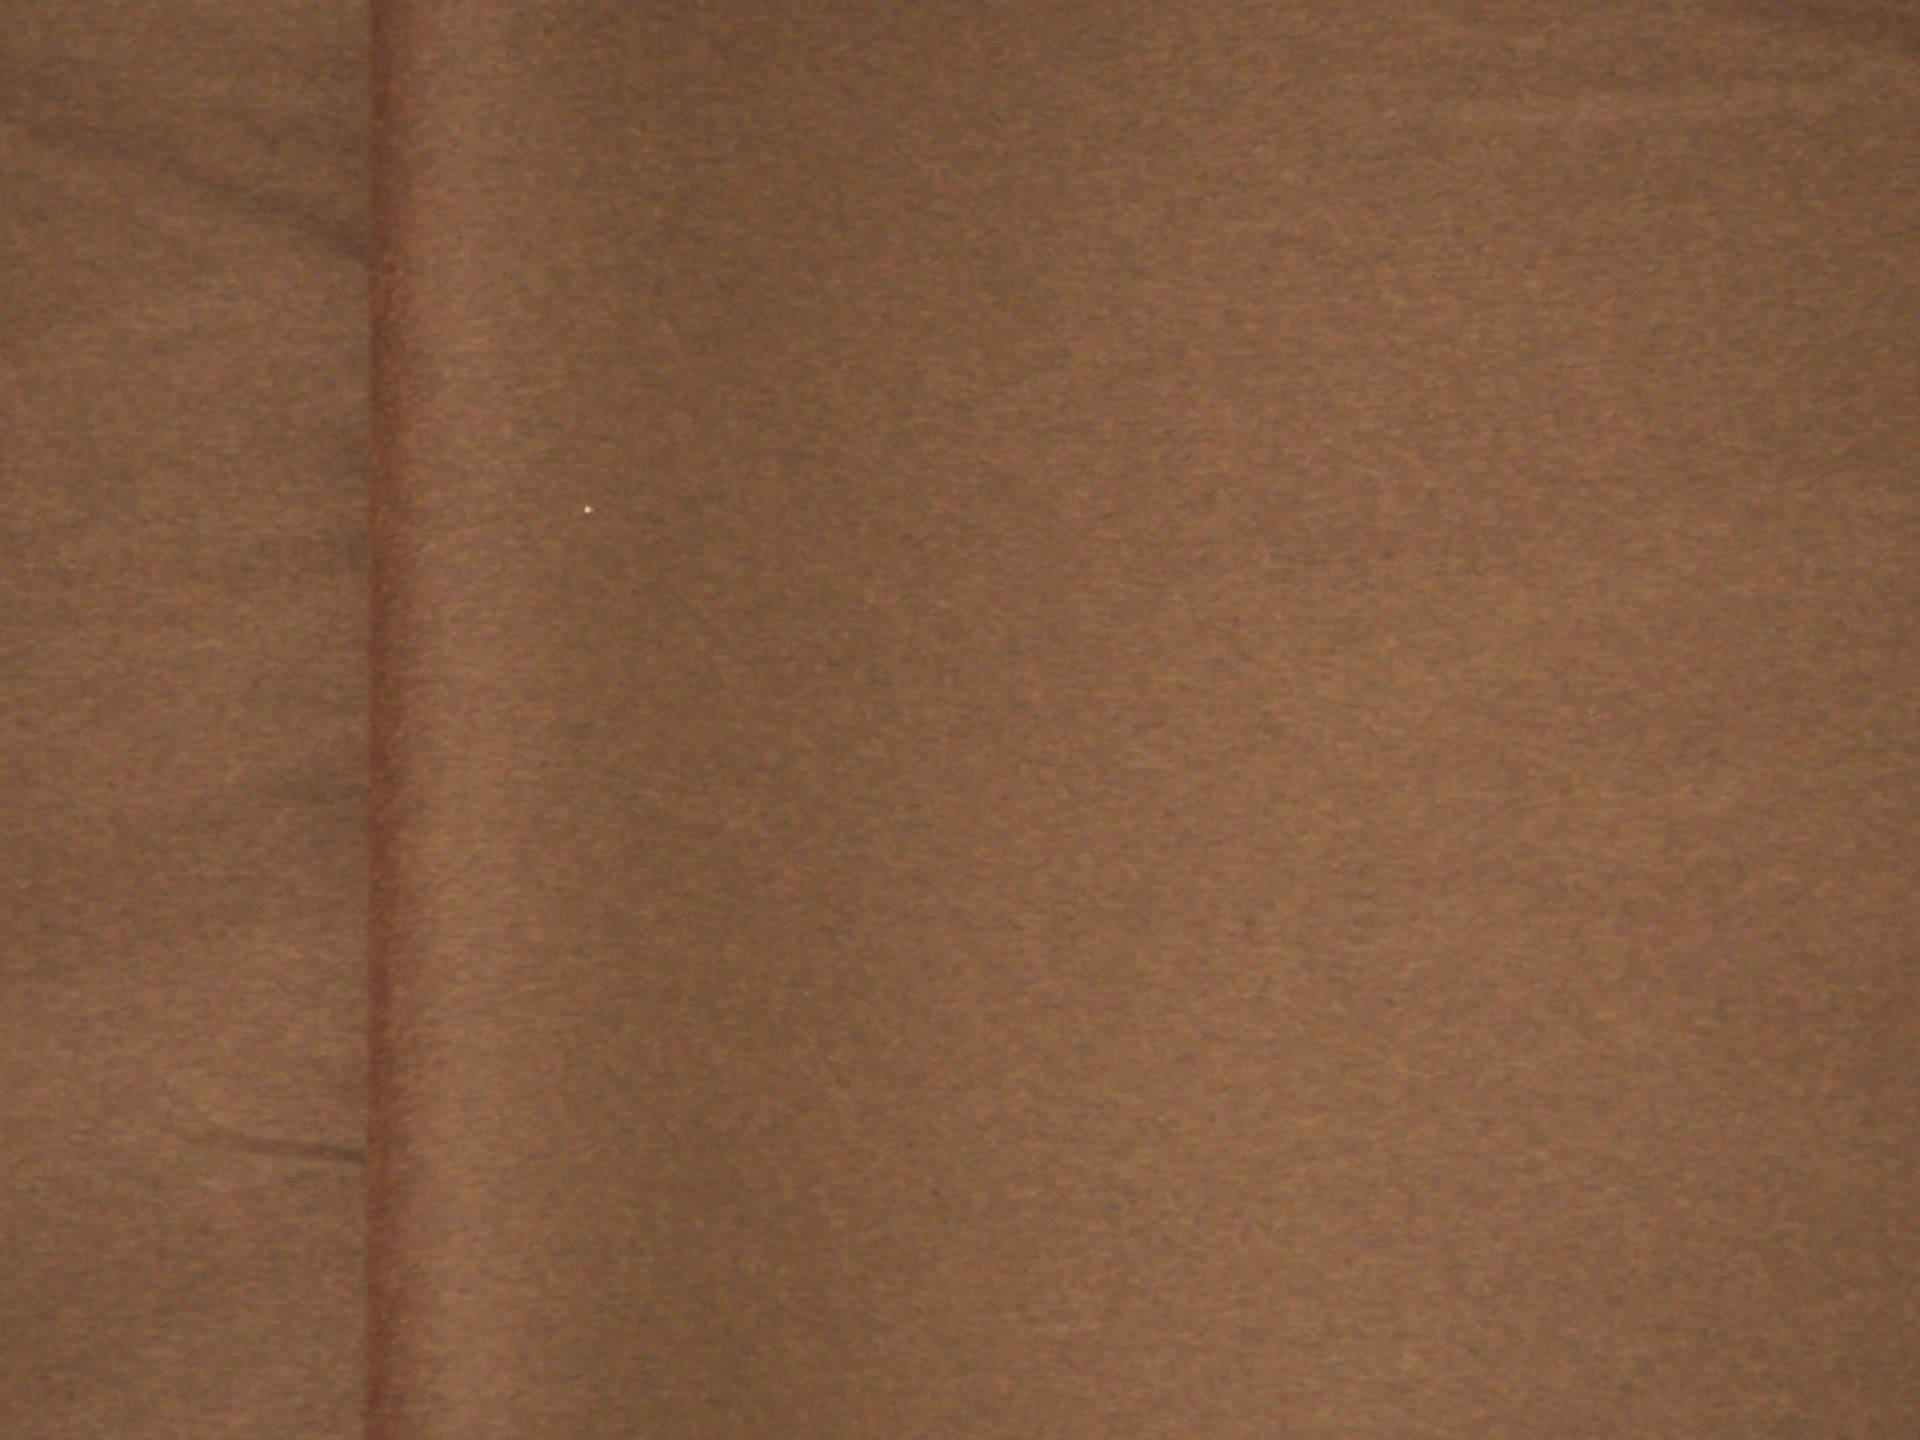 papier de soie marron chocolat 5 feuilles taille 50cm75cm. Black Bedroom Furniture Sets. Home Design Ideas